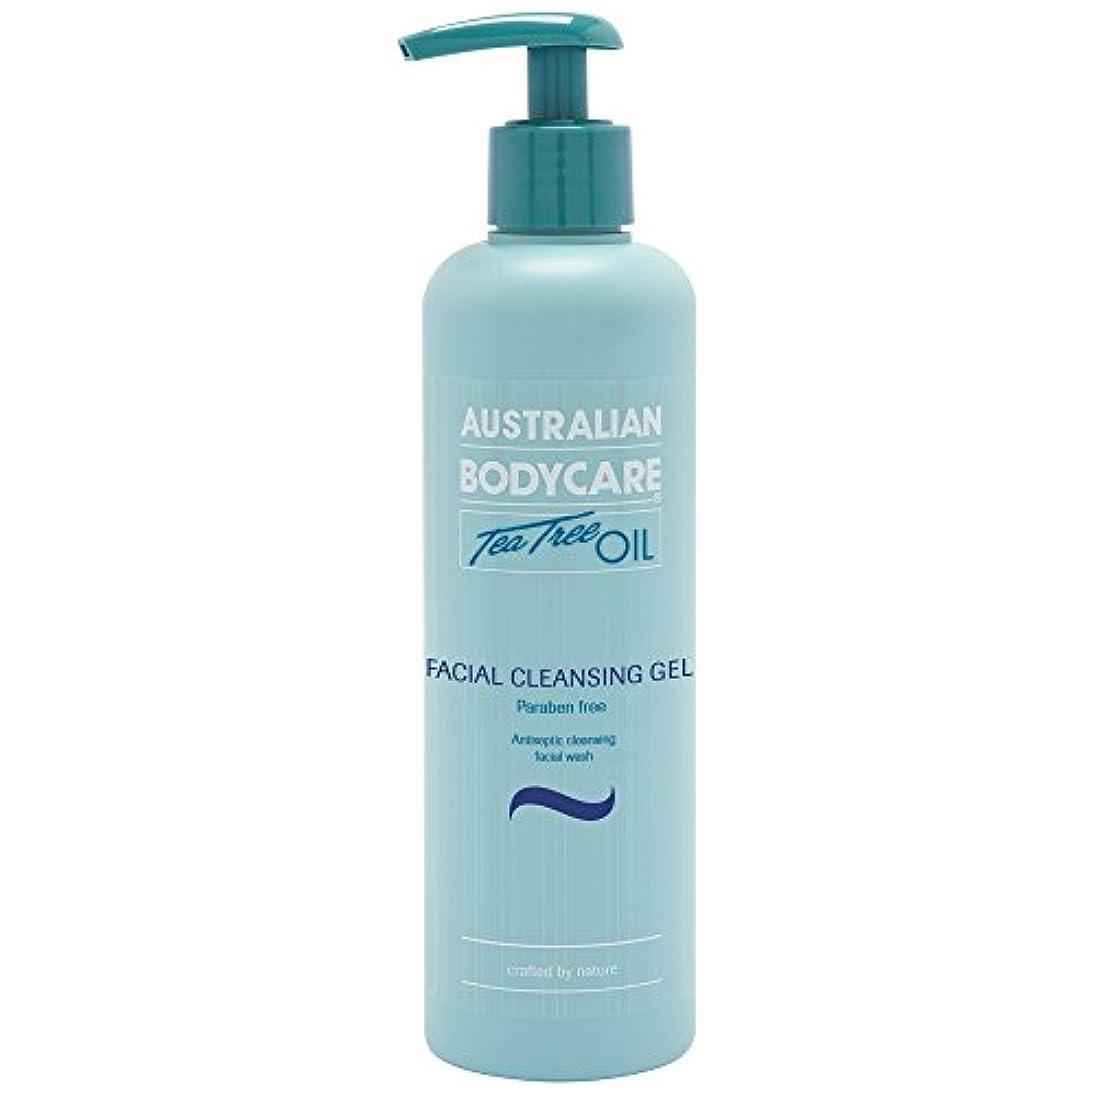 ペース対話ジェットオーストラリアのボディーケアティーツリーオイル洗顔ゲル250ミリリットル (Australian Bodycare) - Australian Bodycare Tea Tree Oil Facial Cleansing...